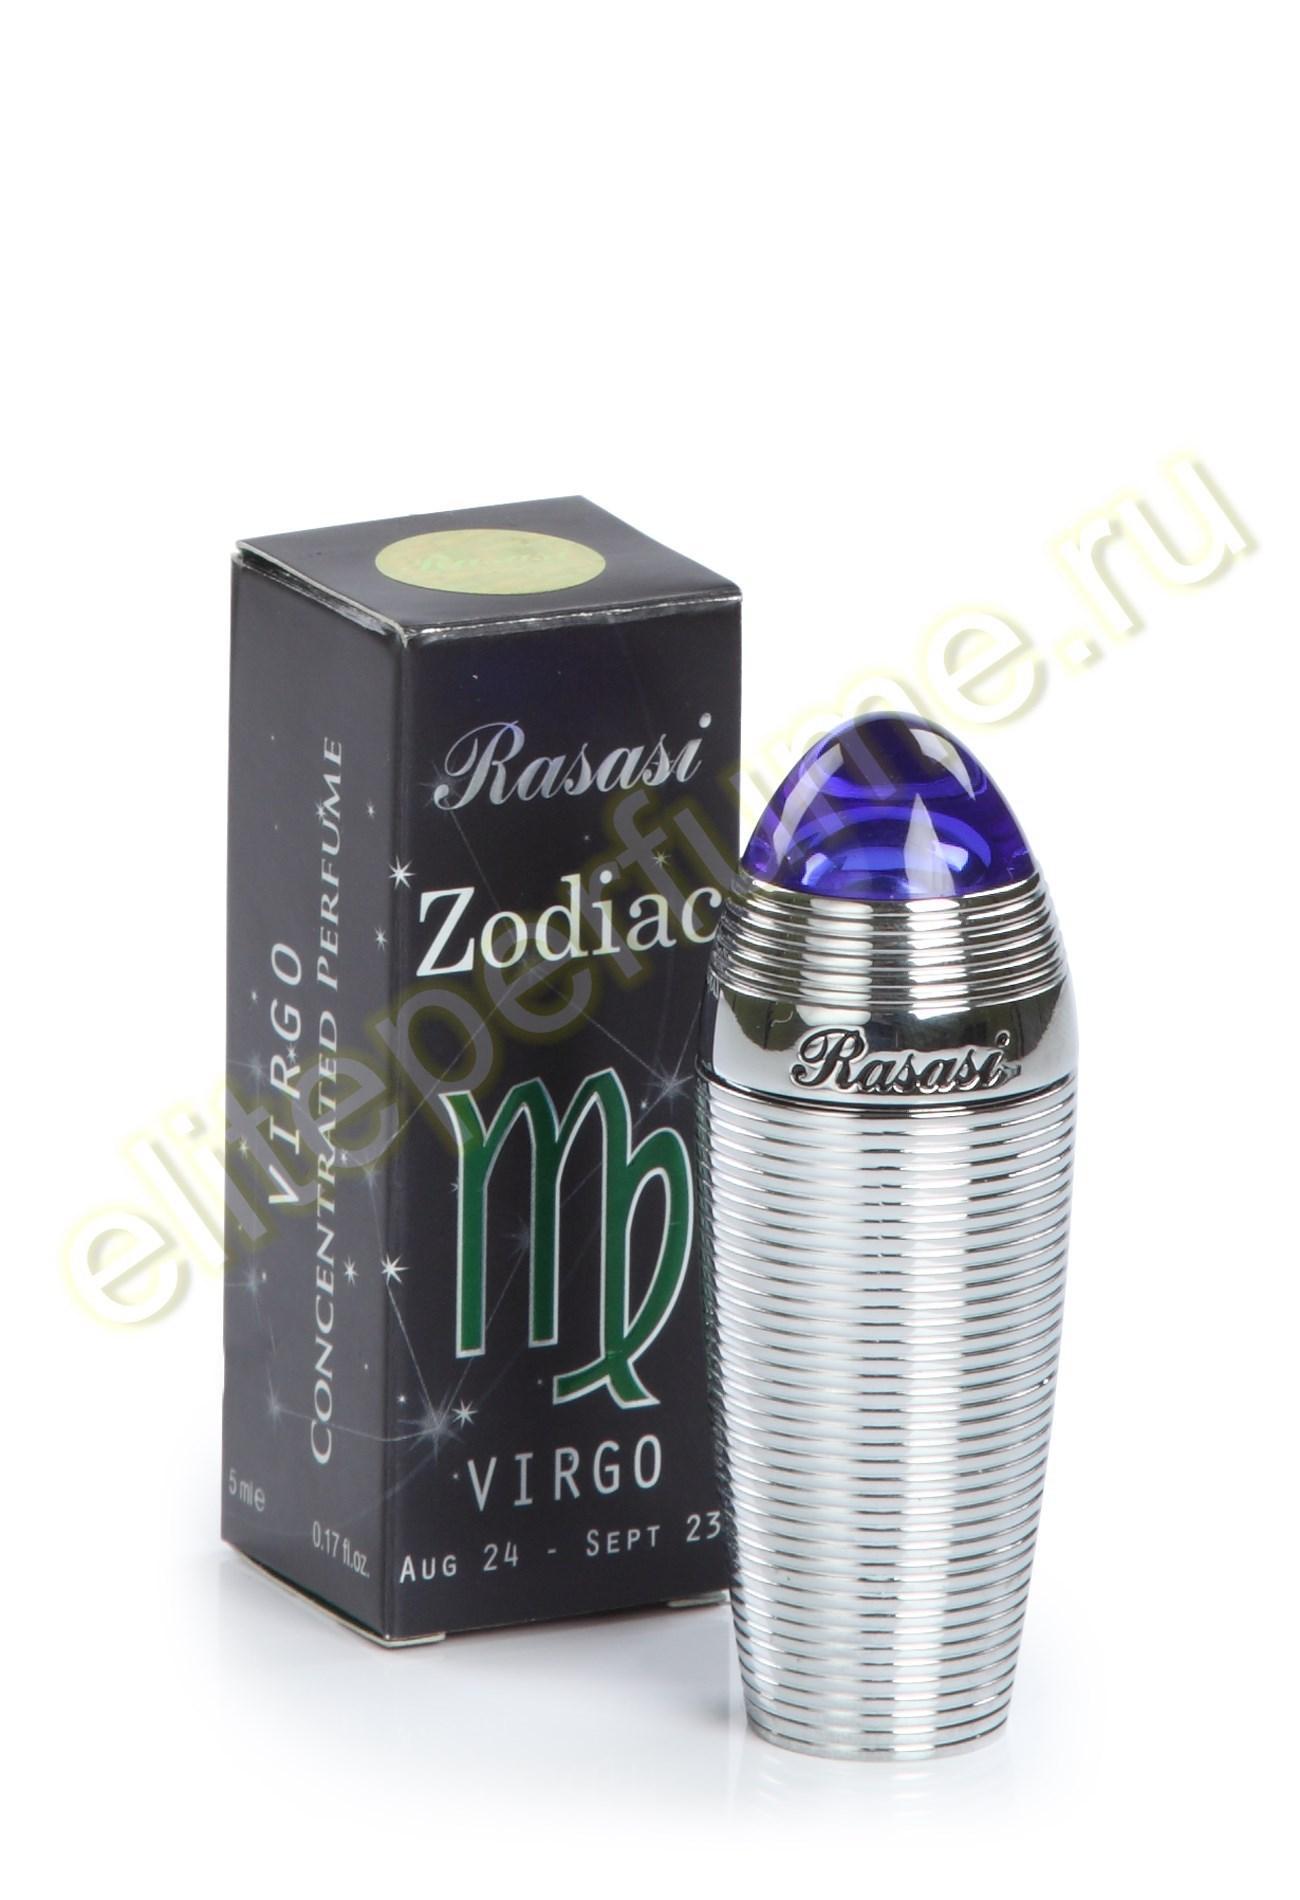 Пробники для арабских духов Зодиак Дева Zodiac Virgo 1 мл арабские масляные духи от Расаси Rasasi Perfumes